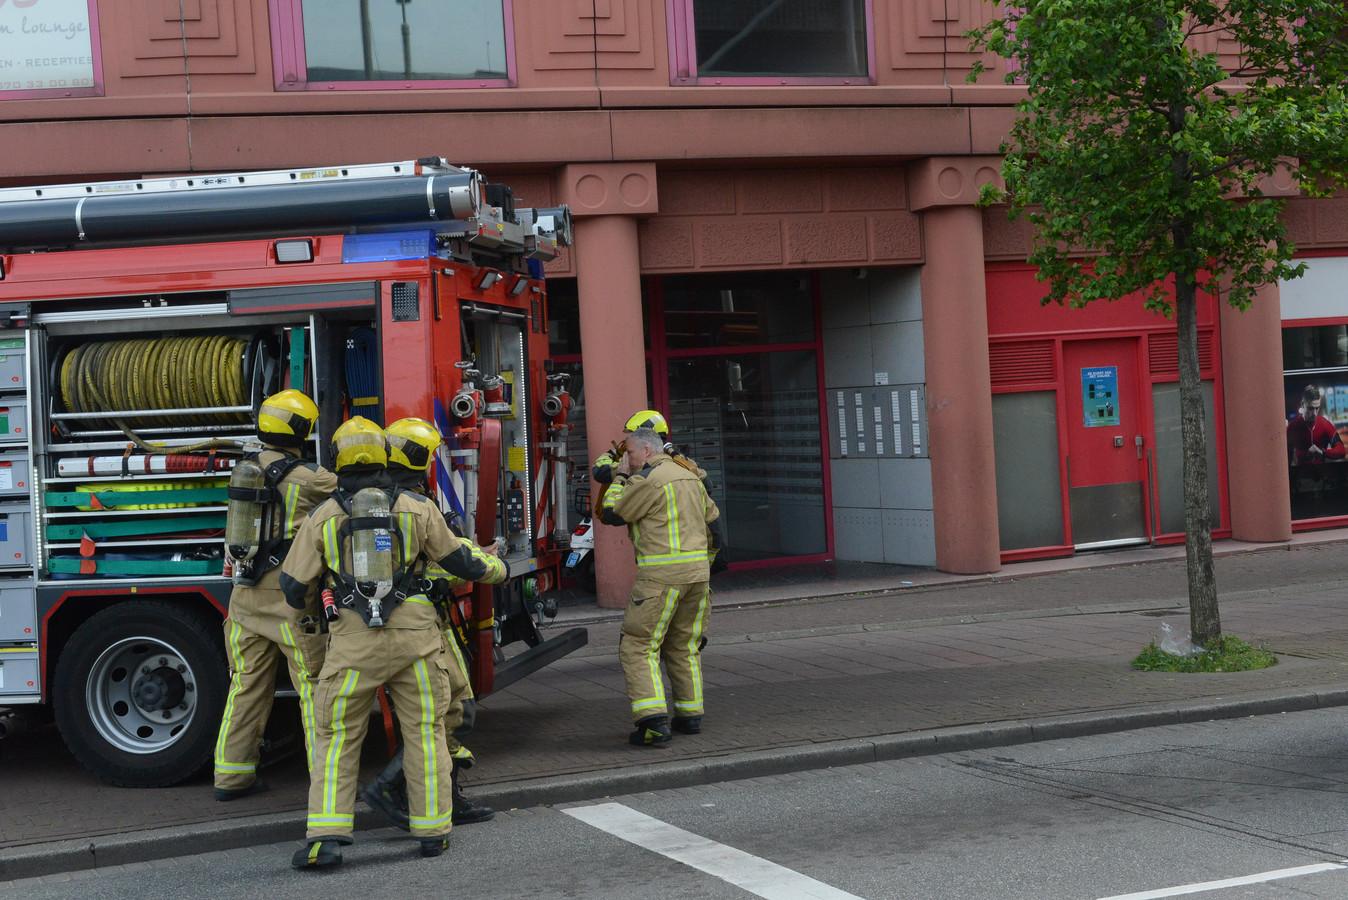 In een studentenflat aan het Rijswijkseplein woedt momenteel een grote brand. De brandweer is met veel personeel aanwezig om het vuur te blussen.